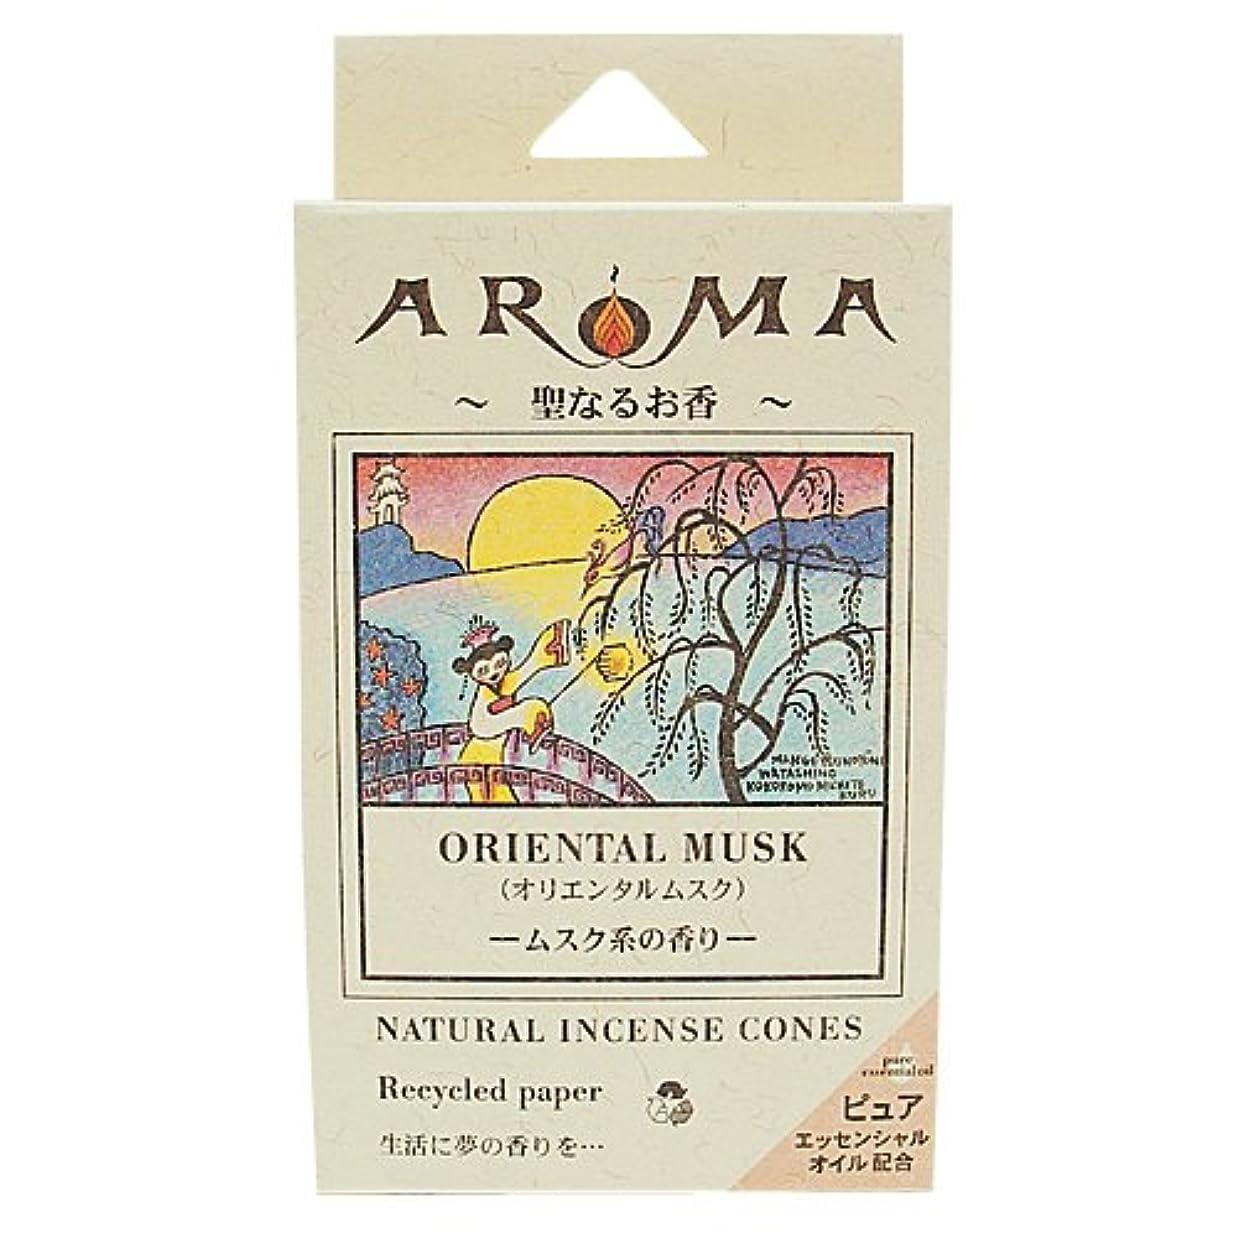 ゆでるモッキンバード気づくアロマ香 オリエンタルムスク 16粒(コーンタイプインセンス 1粒の燃焼時間約20分 ムスクの香り)